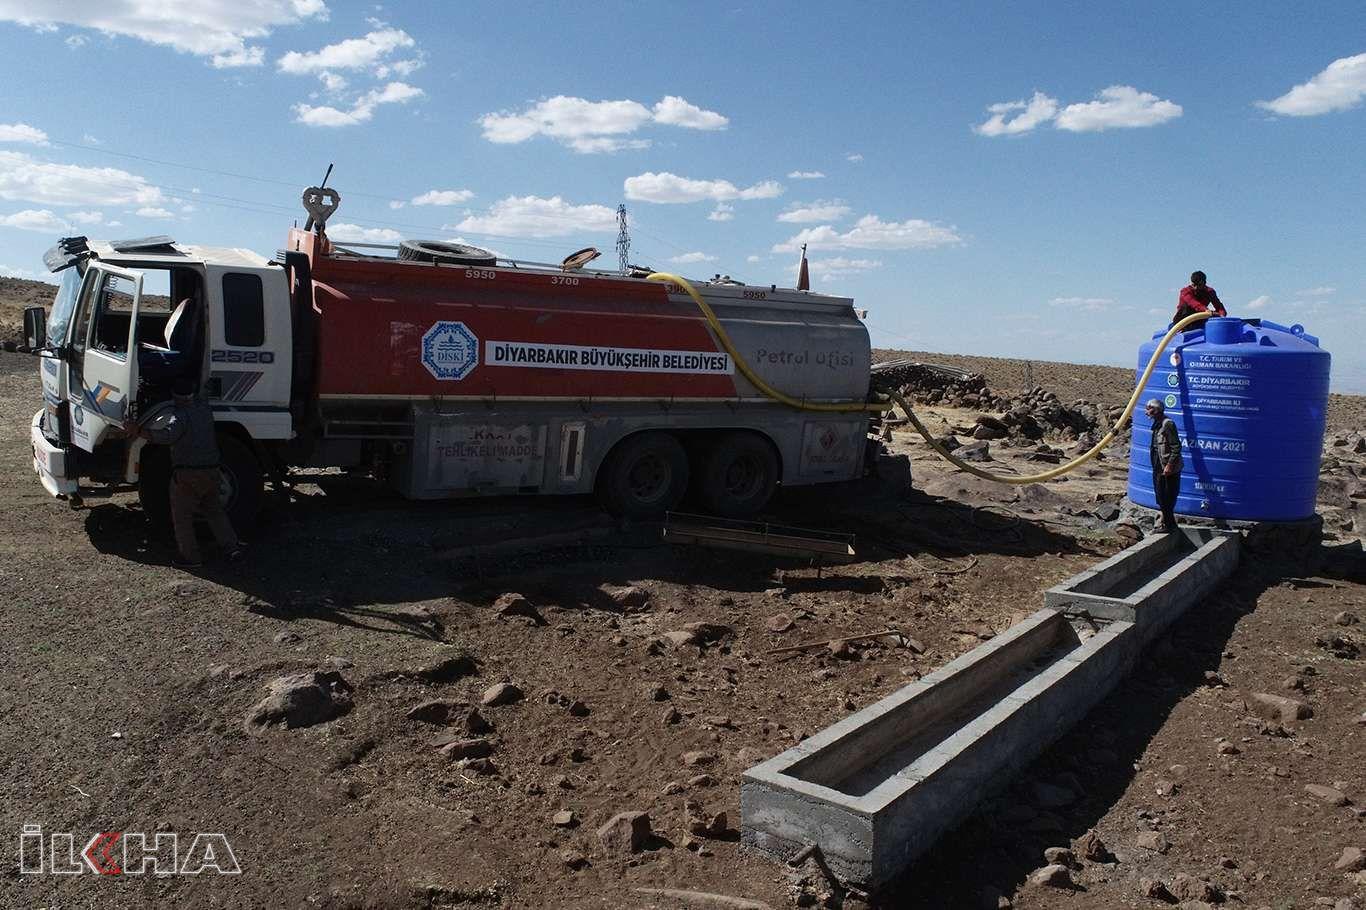 Diyarbakır Büyükşehir Belediyesi kuraklıktan etkilenen besicilere su taşıdı